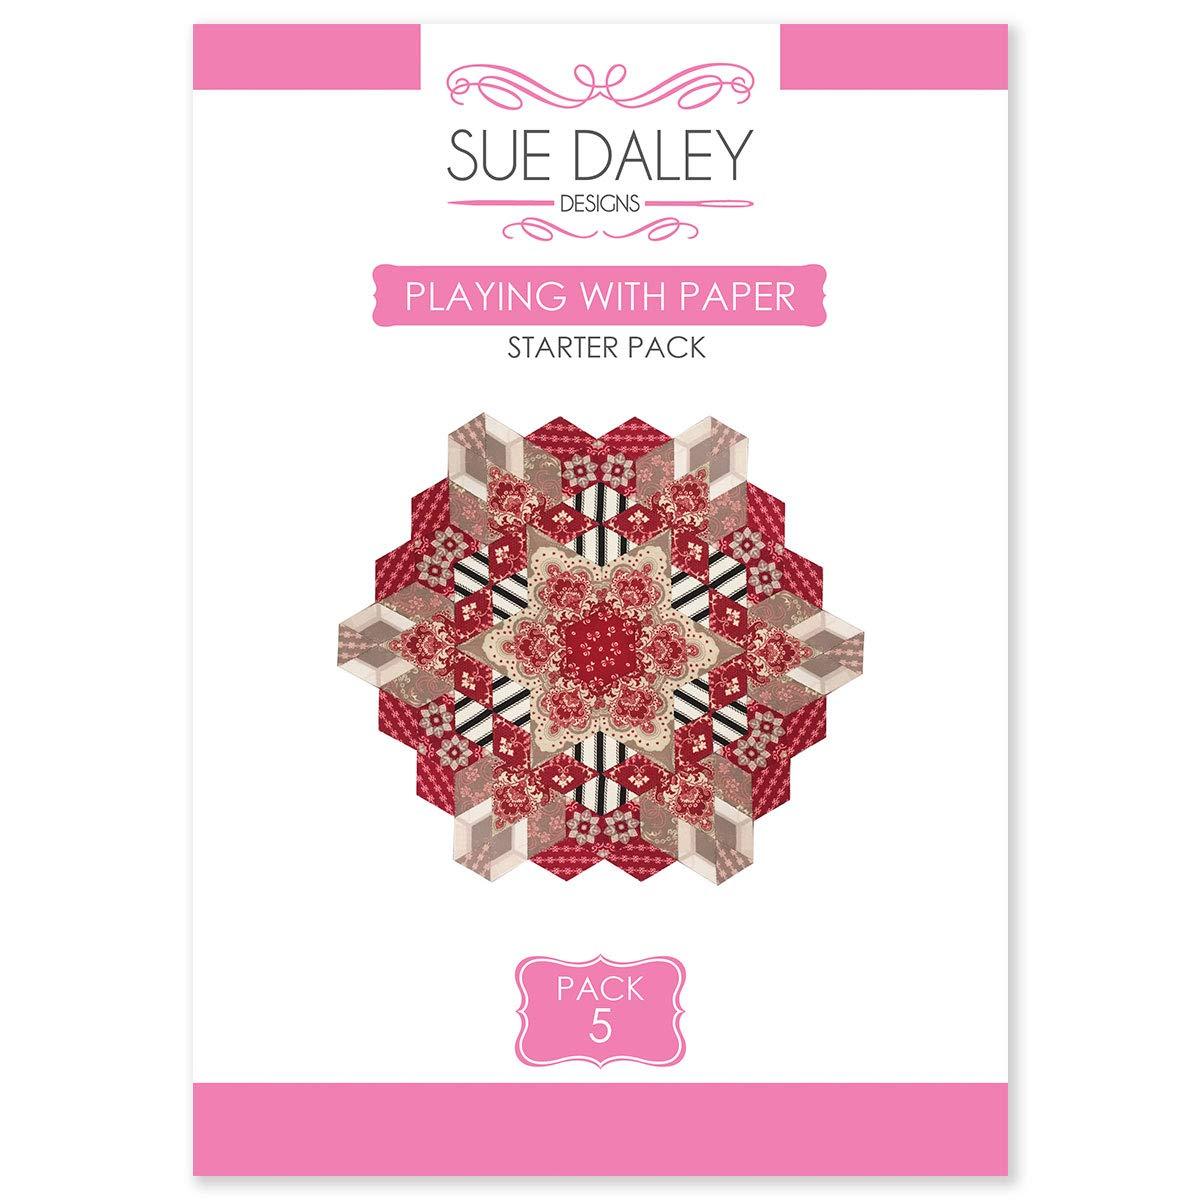 Sue Daley Designs 紙パック #5 EPP 英語のペーパーピース付き B07HP7YVNF